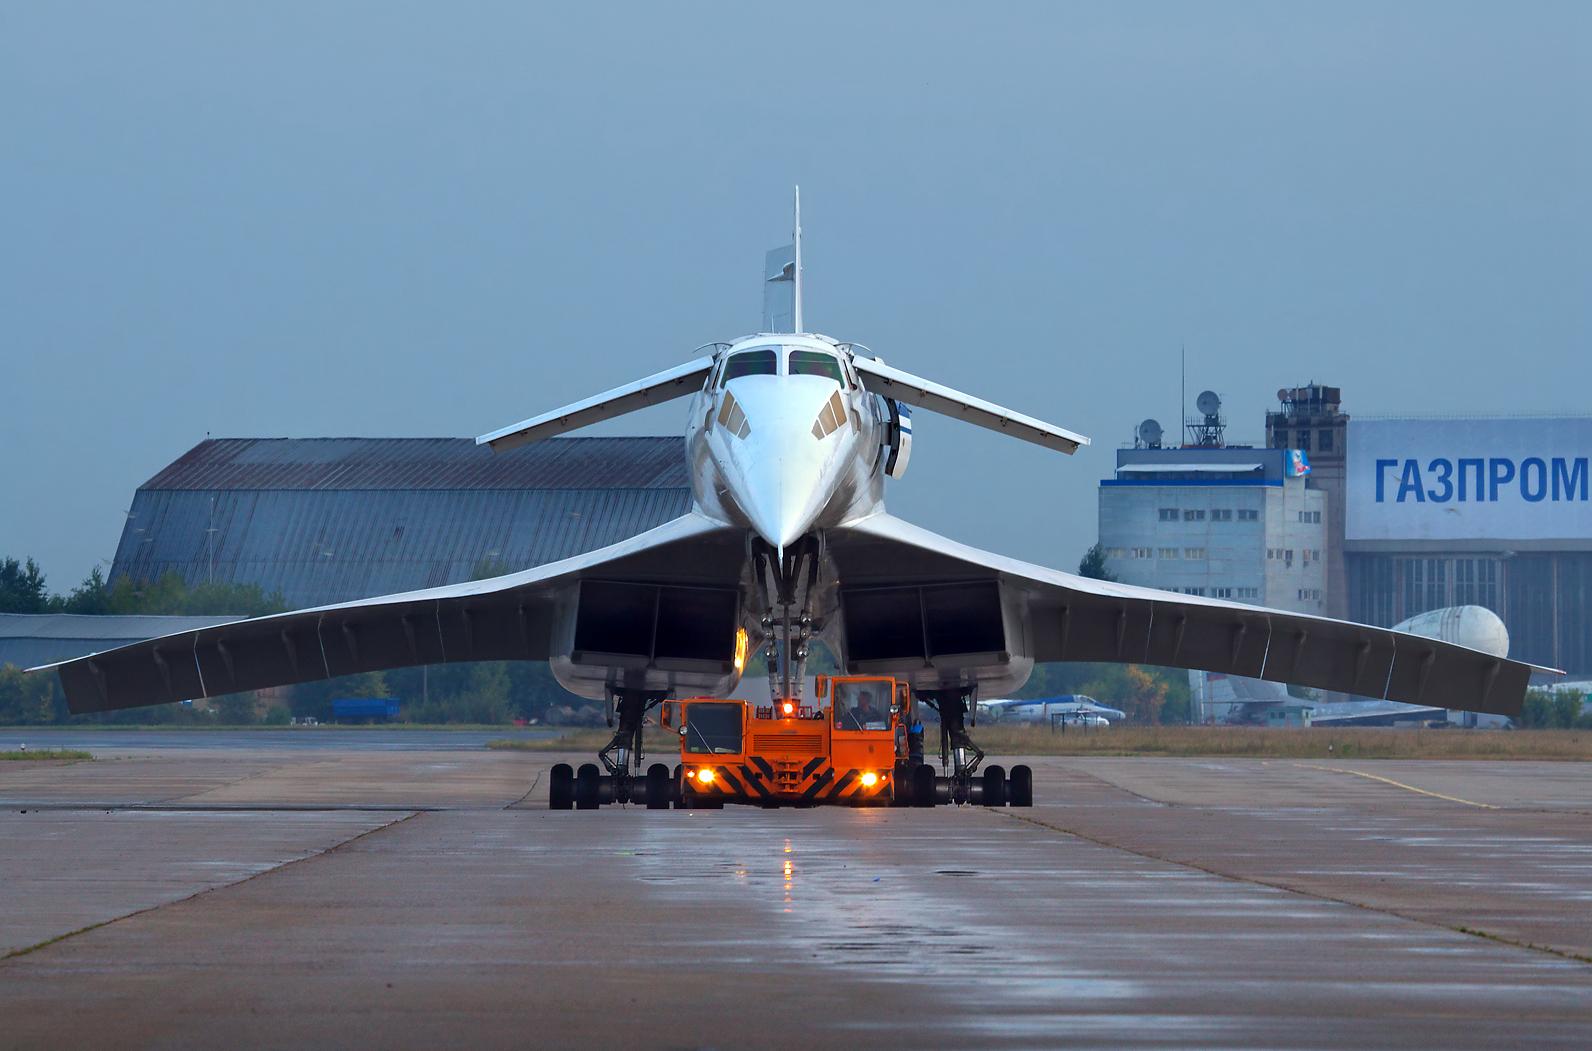 俄罗斯官员幻想特供产品 这次盯上了图-160战略轰炸机